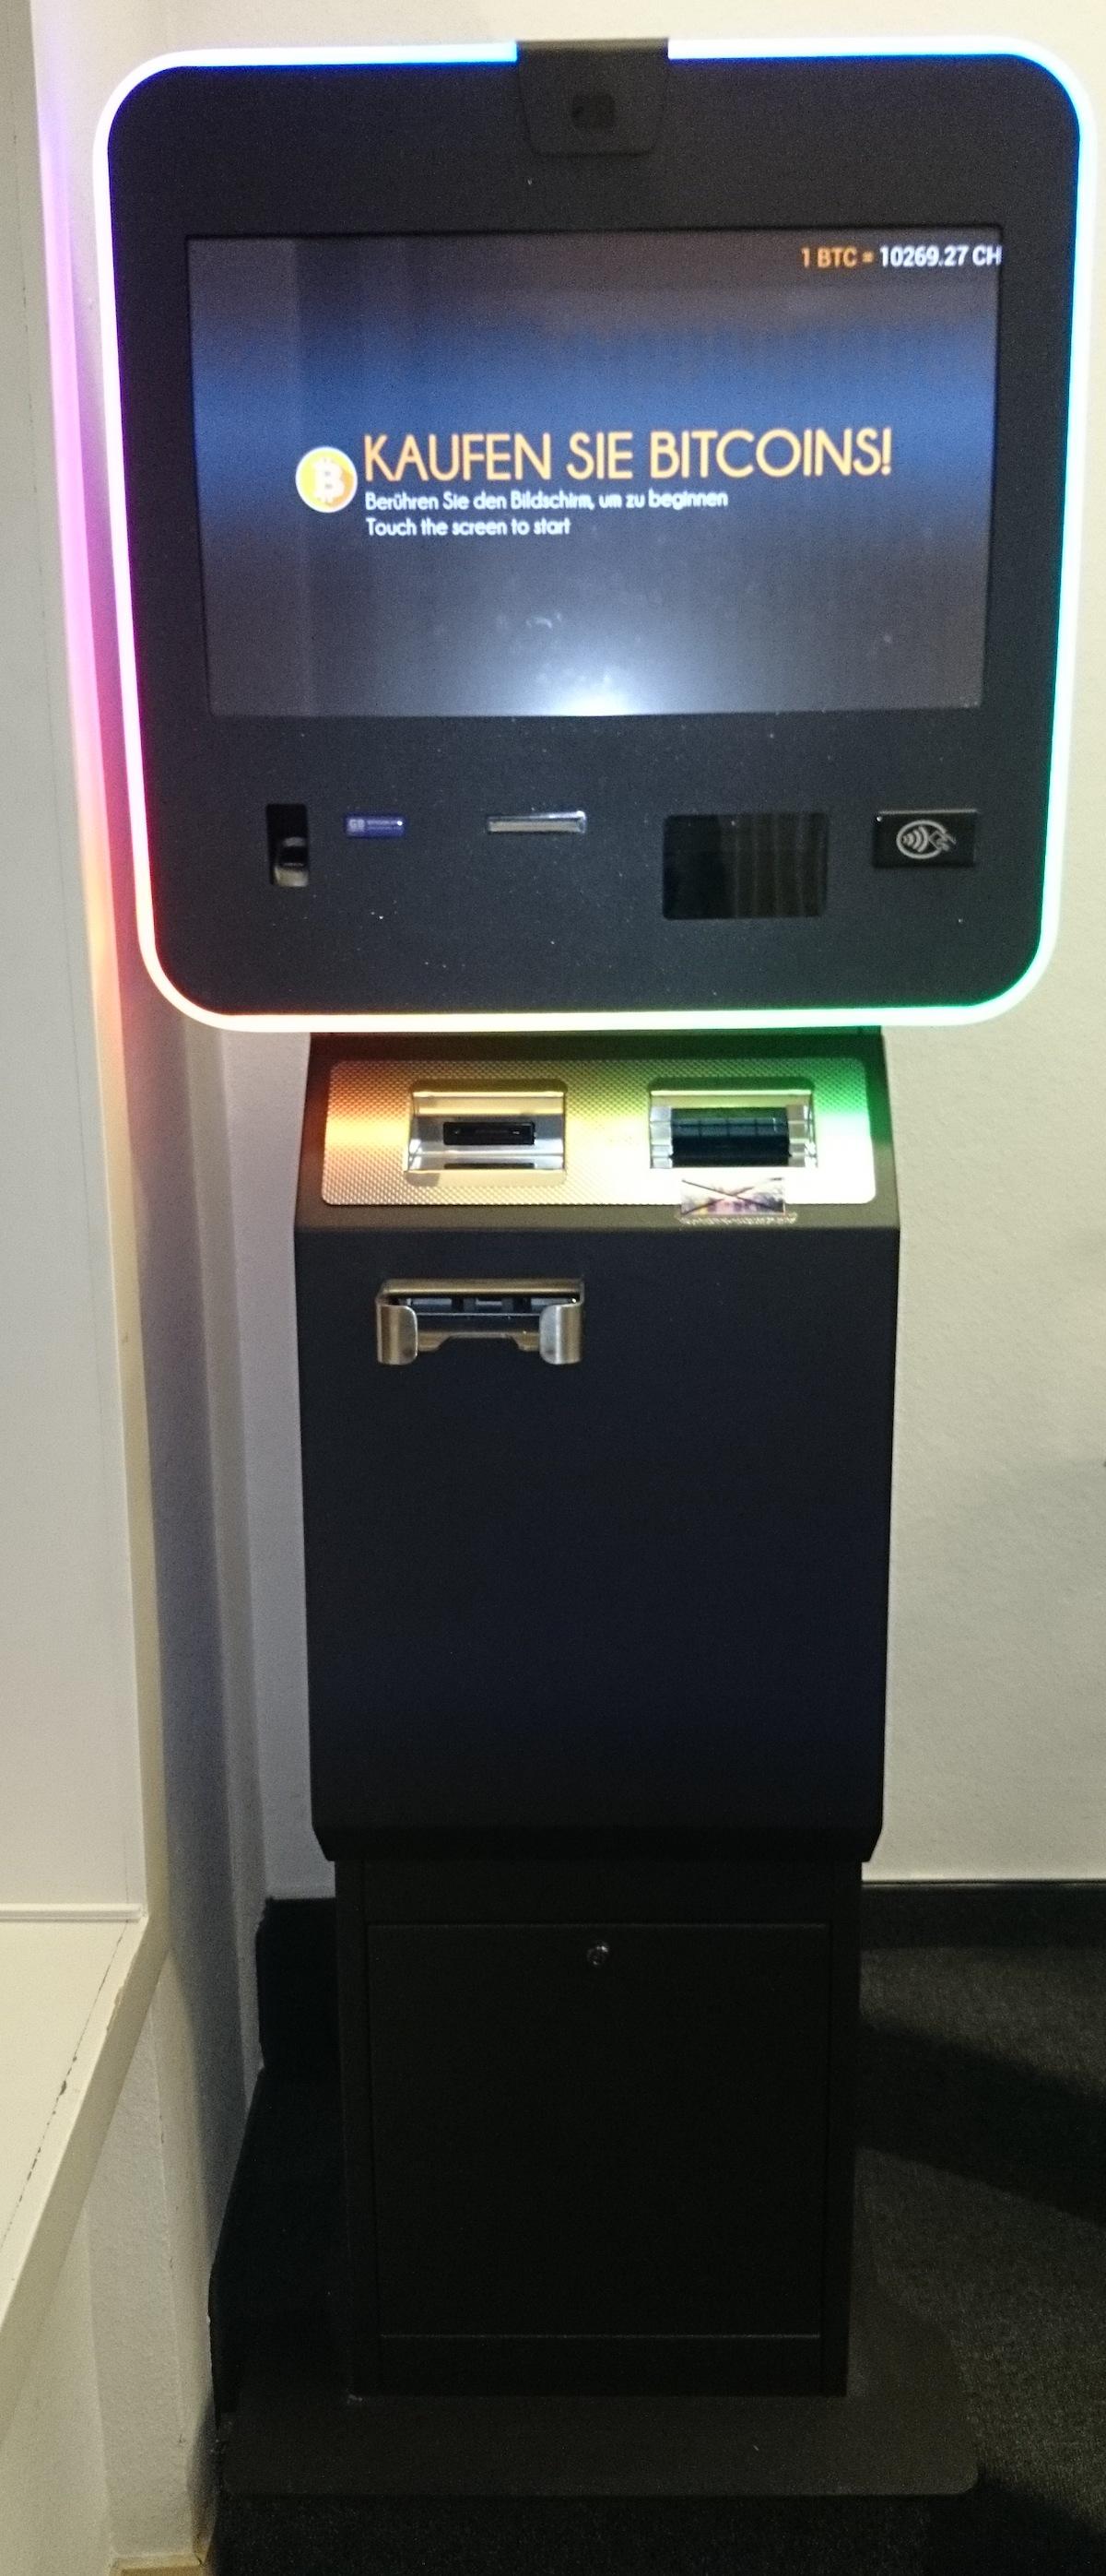 Bitcoins kaufen leicht gemacht am Bitcoin-Automaten